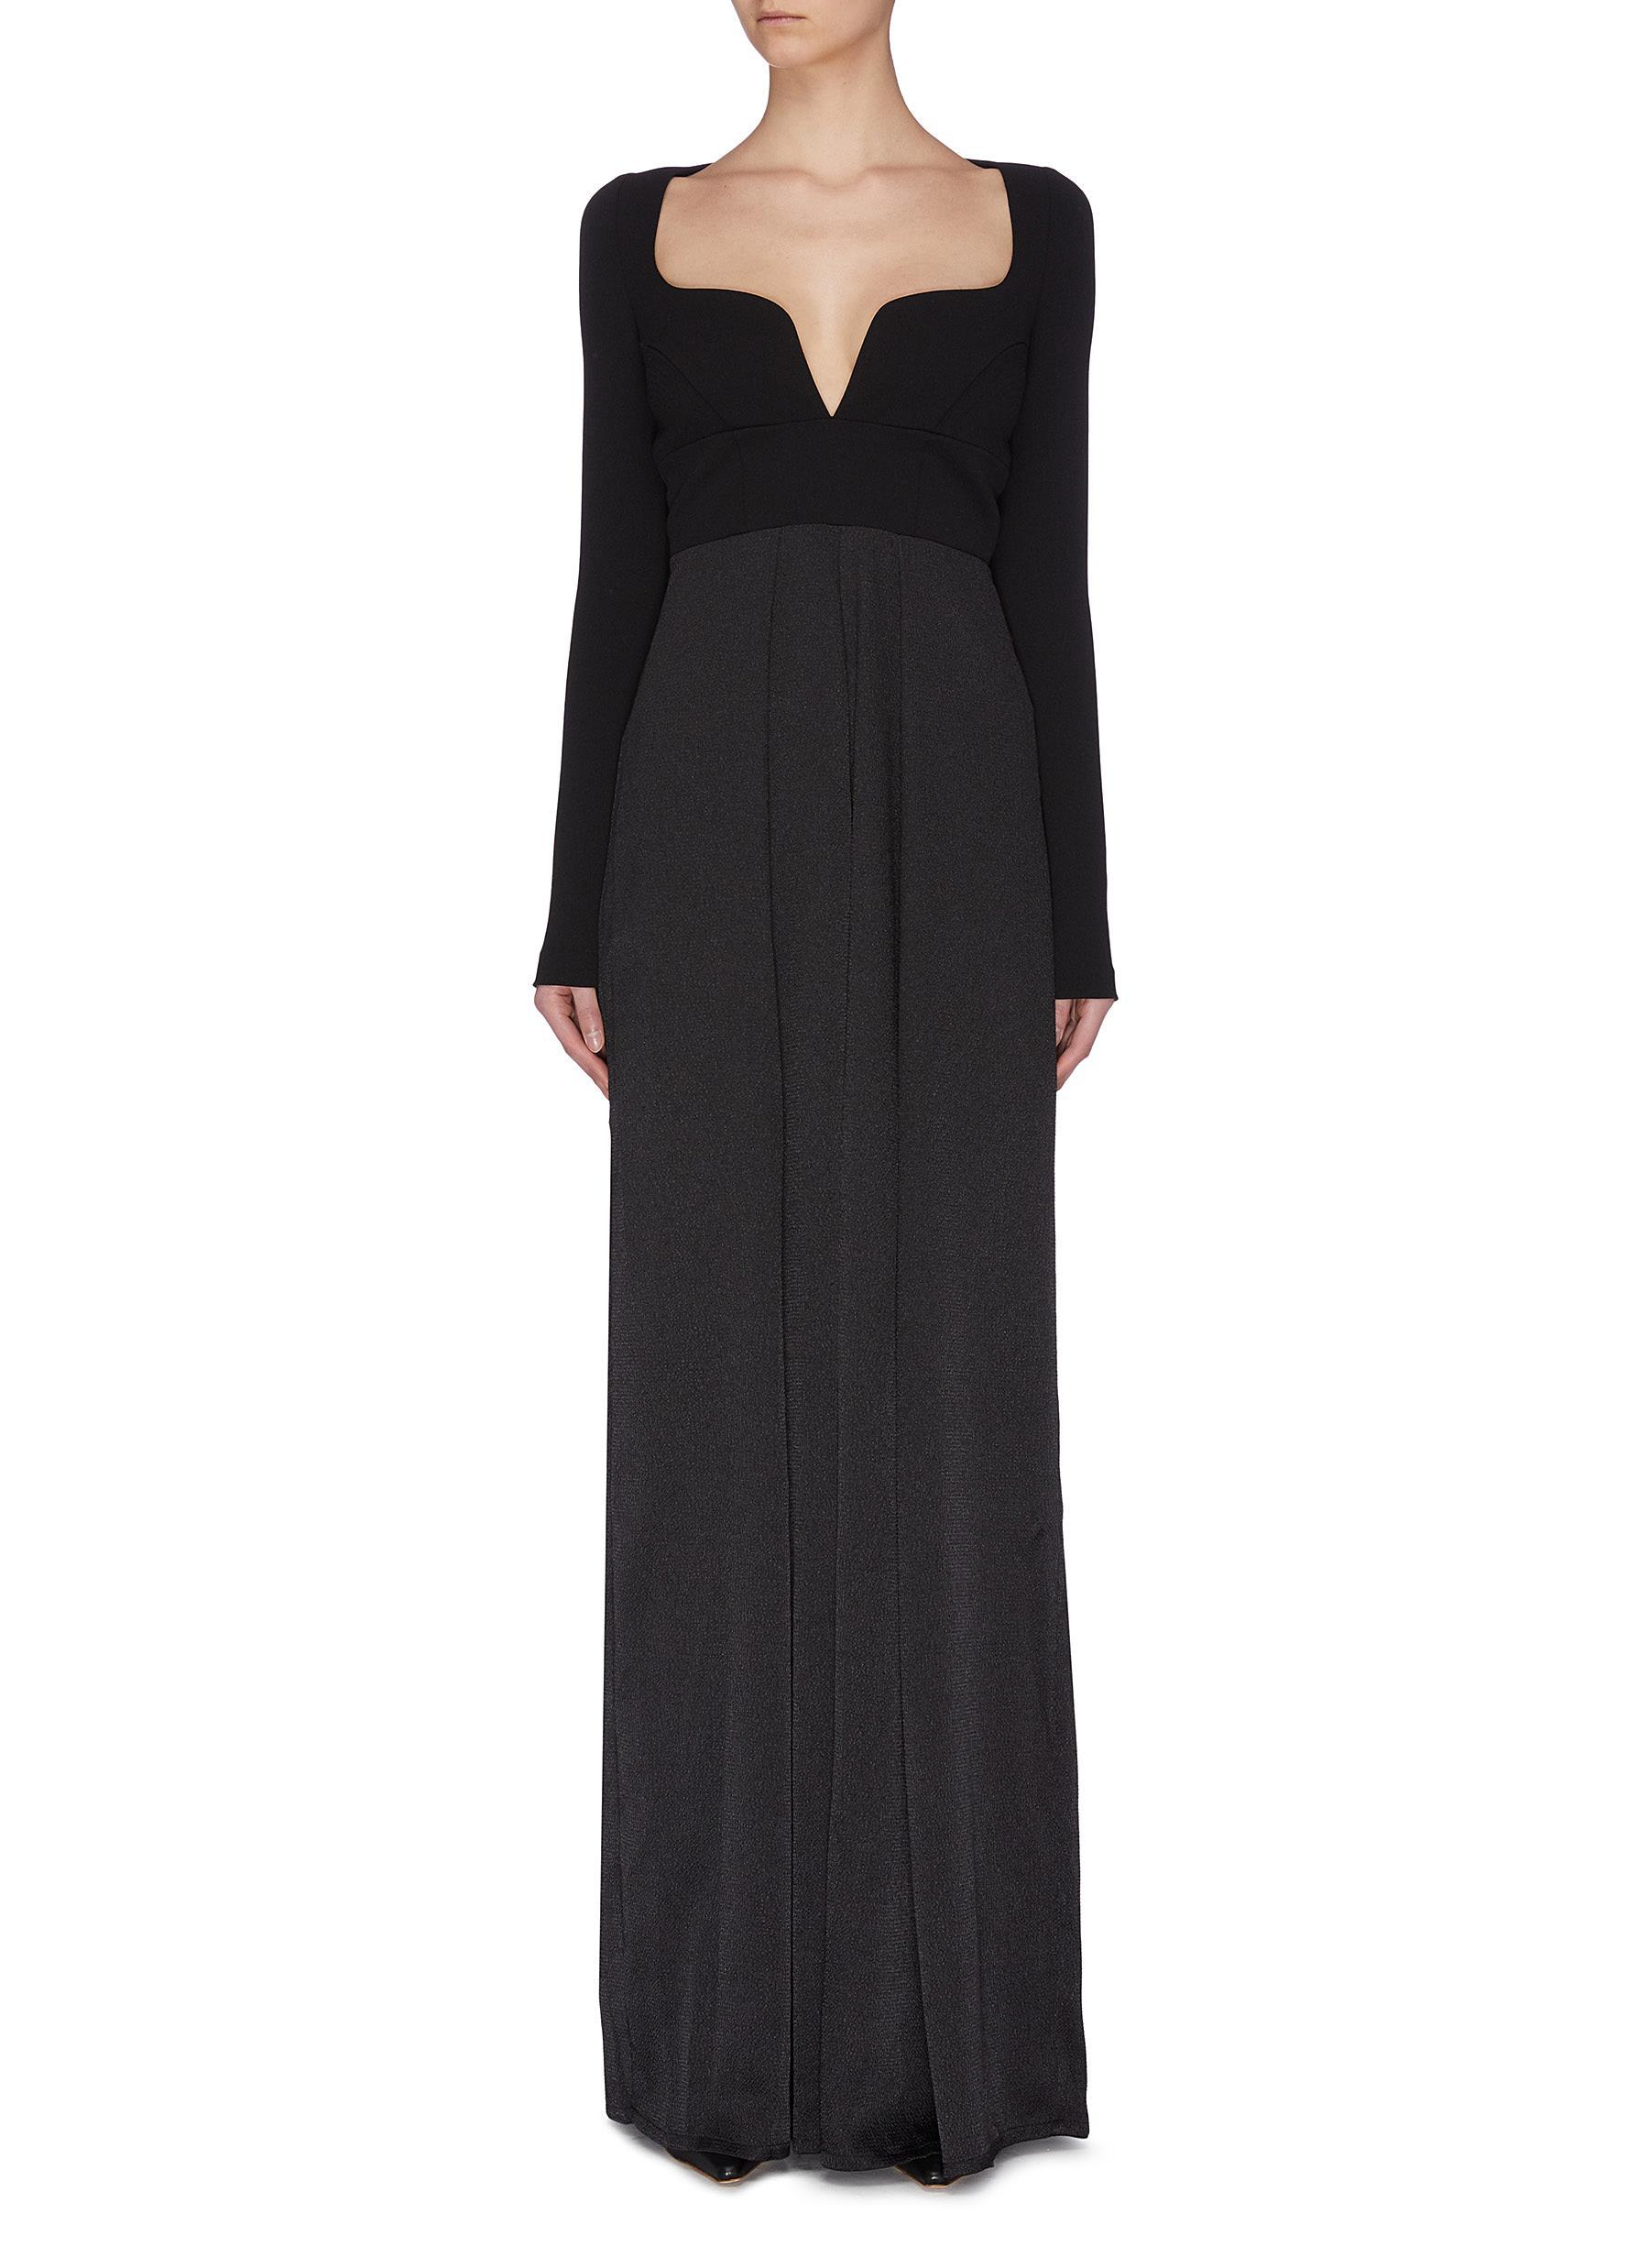 Buy Solace London Pants & Shorts 'Jaya' sweetheart neckline paneled jumpsuit